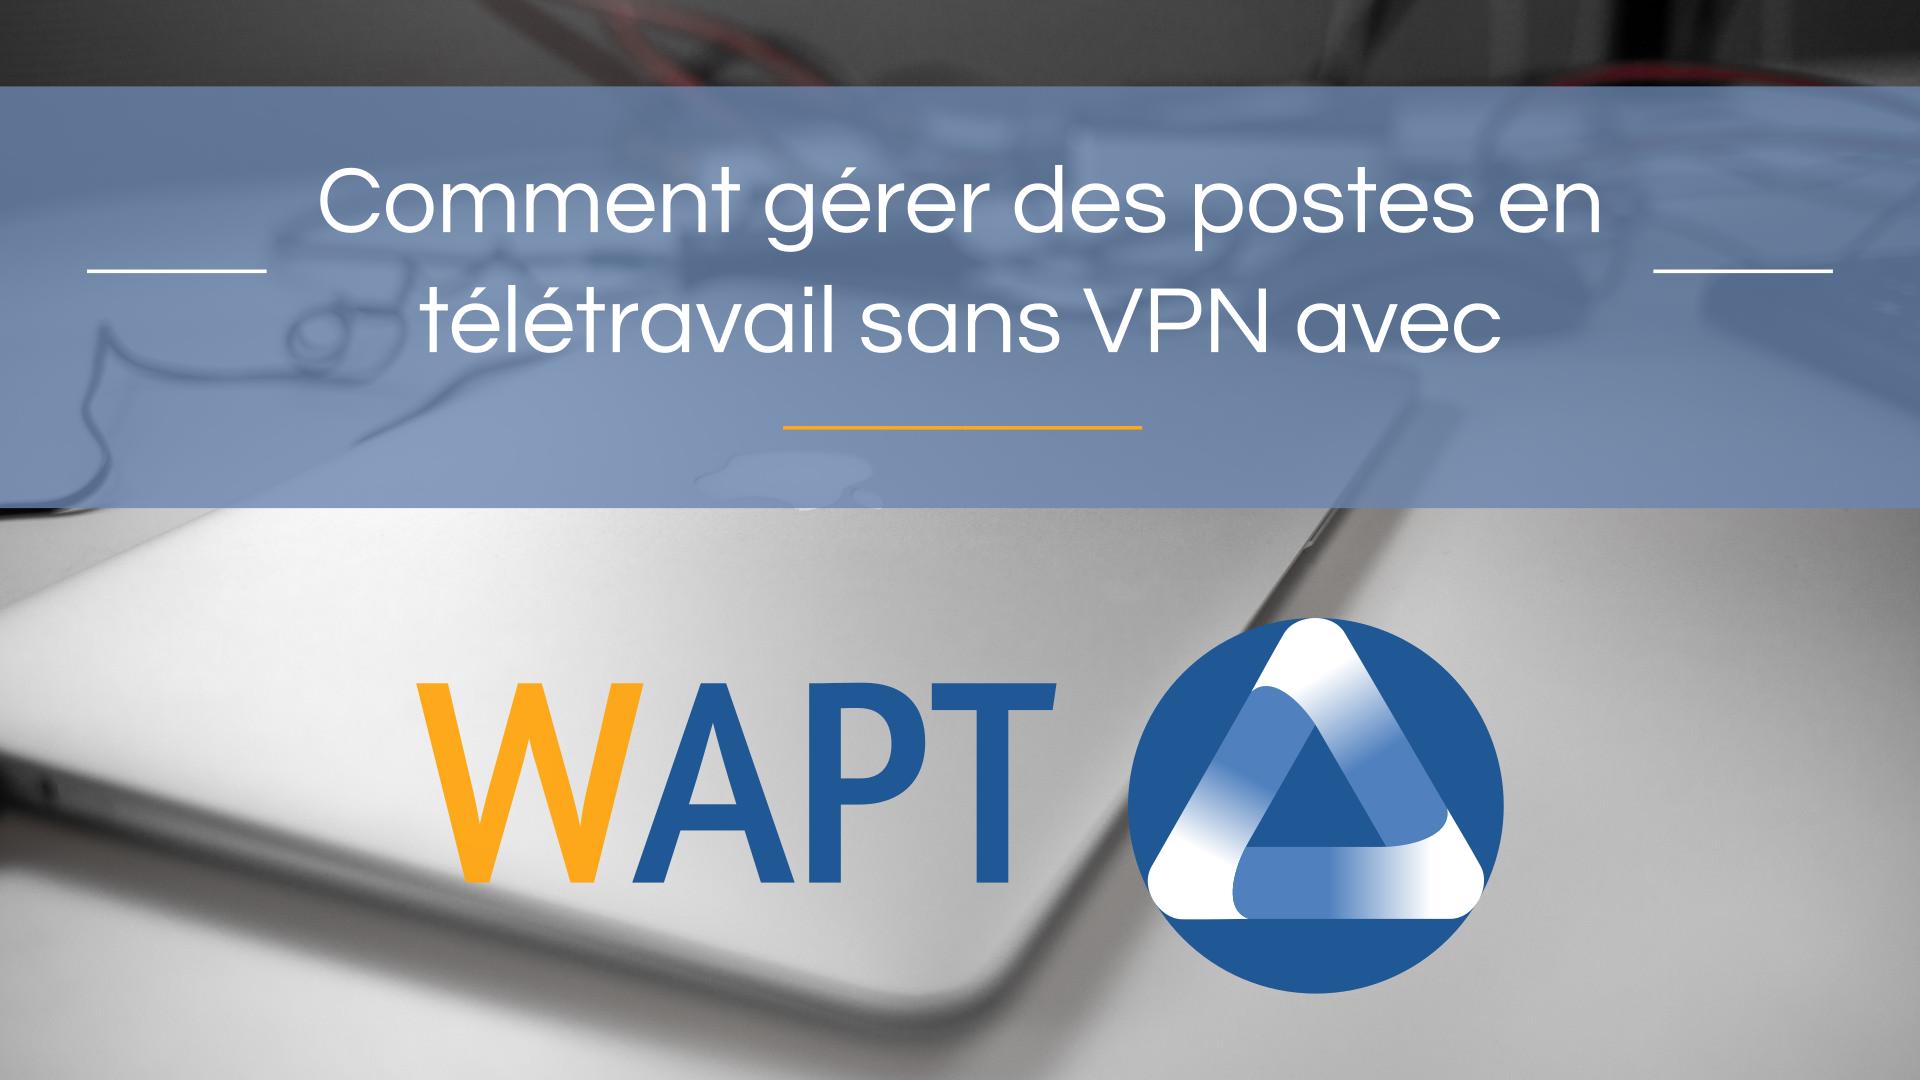 Comment gérer des postes en télétravail sans VPN avec WAPT ?